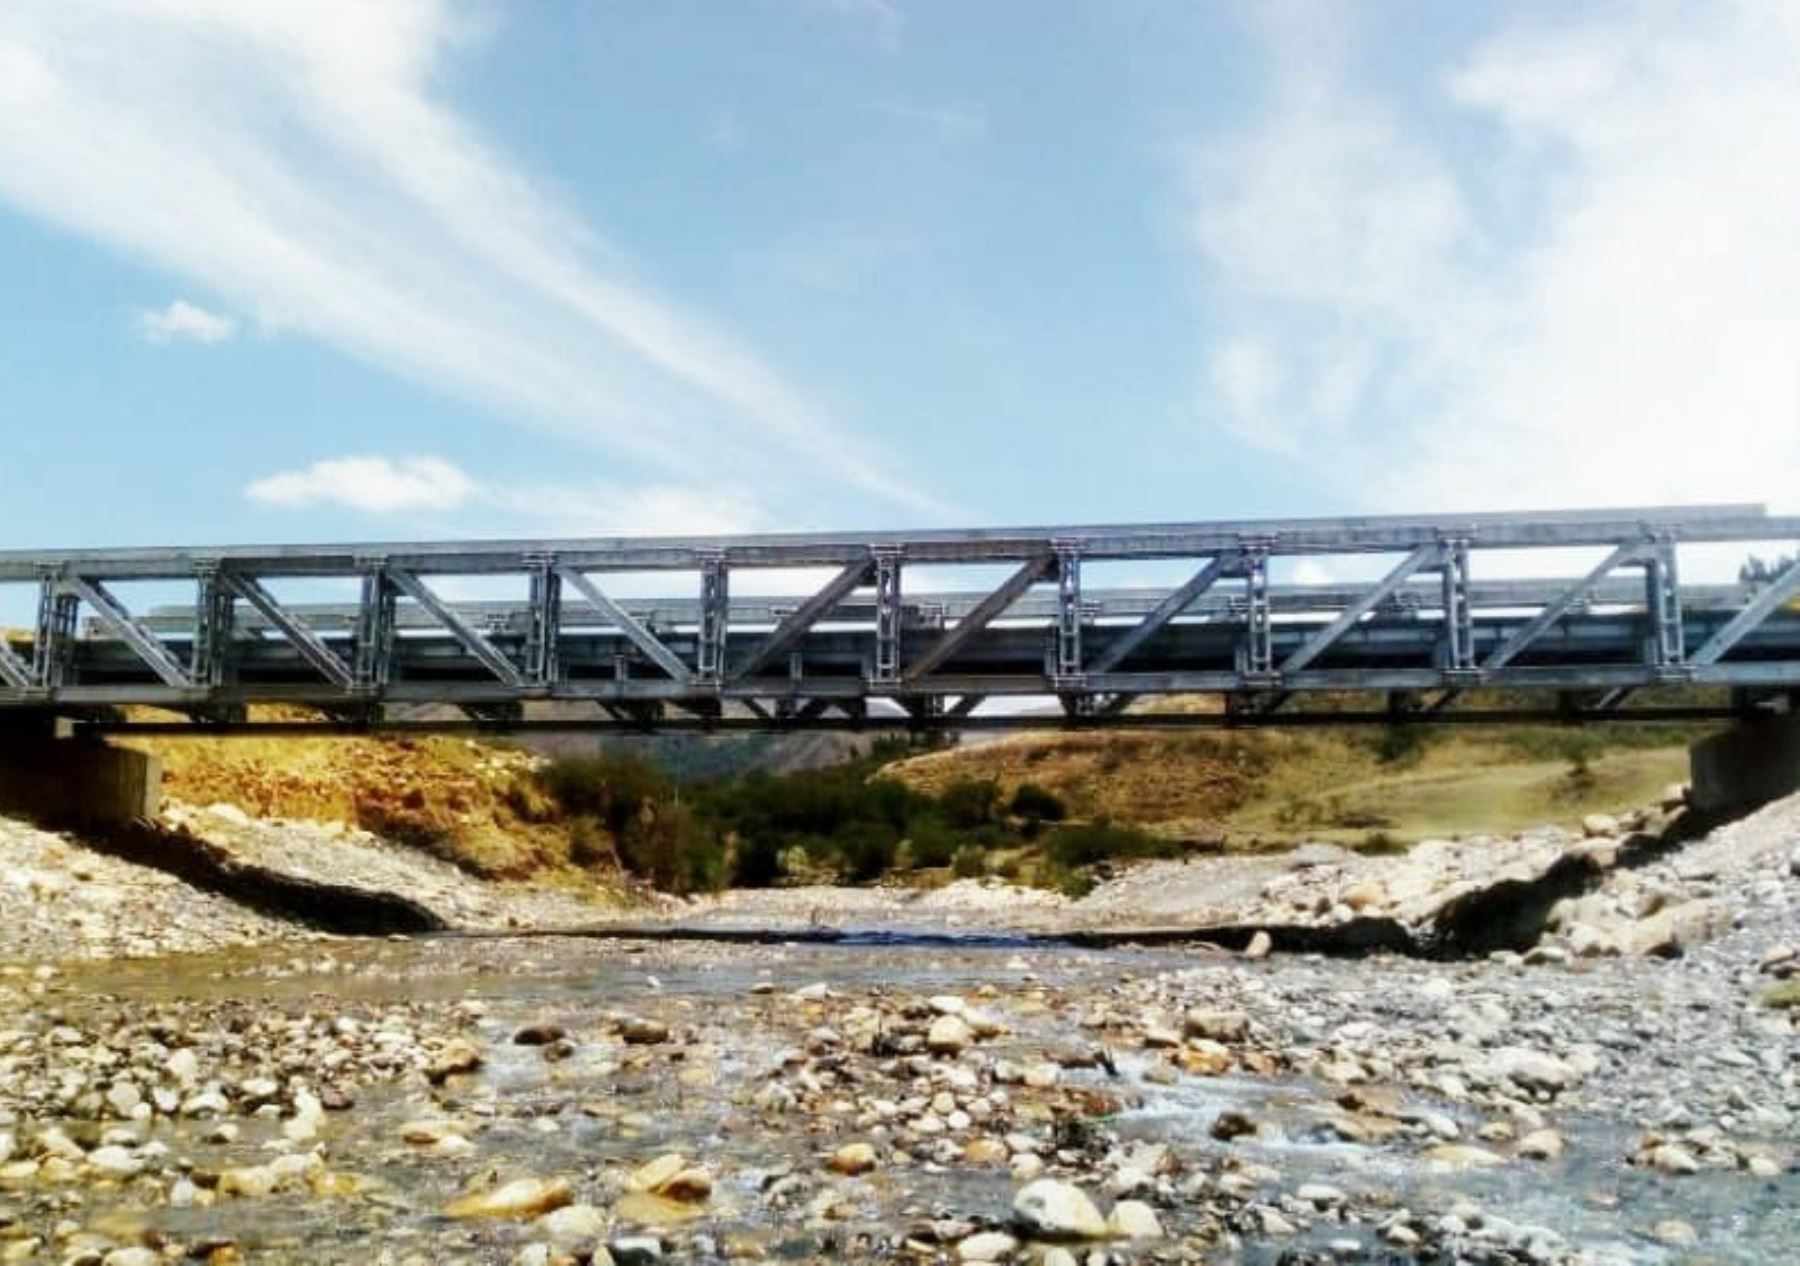 reconstruccion-con-cambios-anuncian-instalacion-de-14-puentes-modulares-en-la-libertad